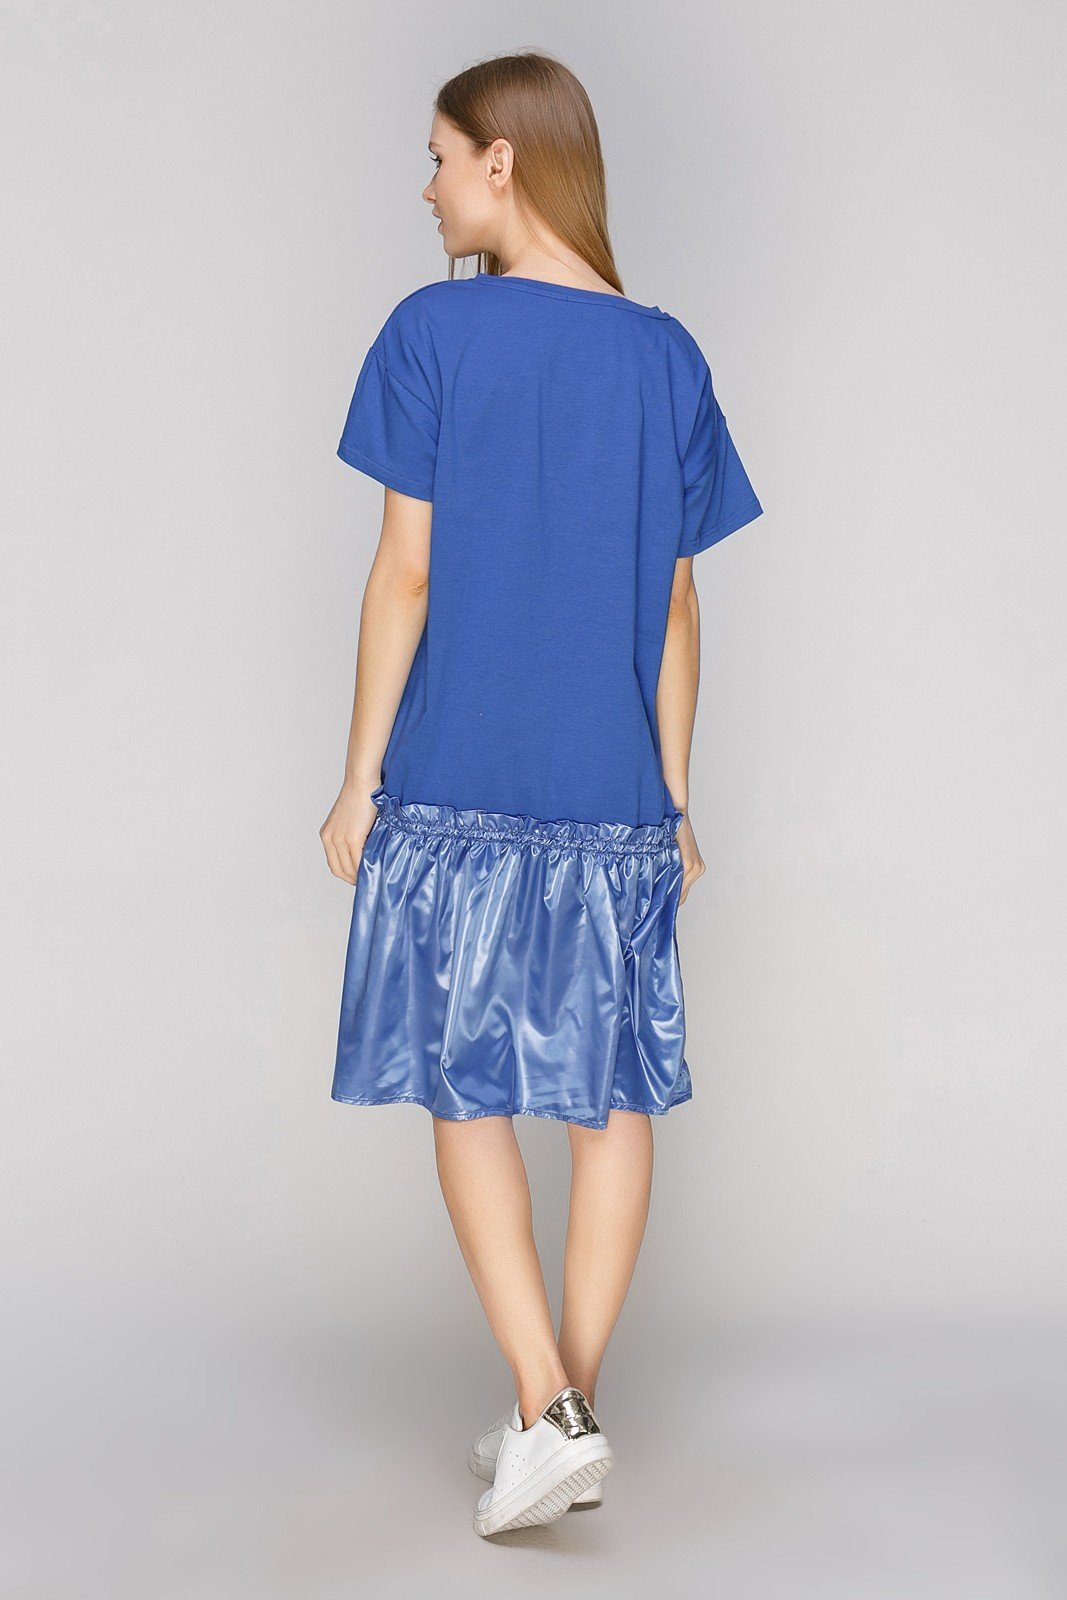 Платье Мейбл